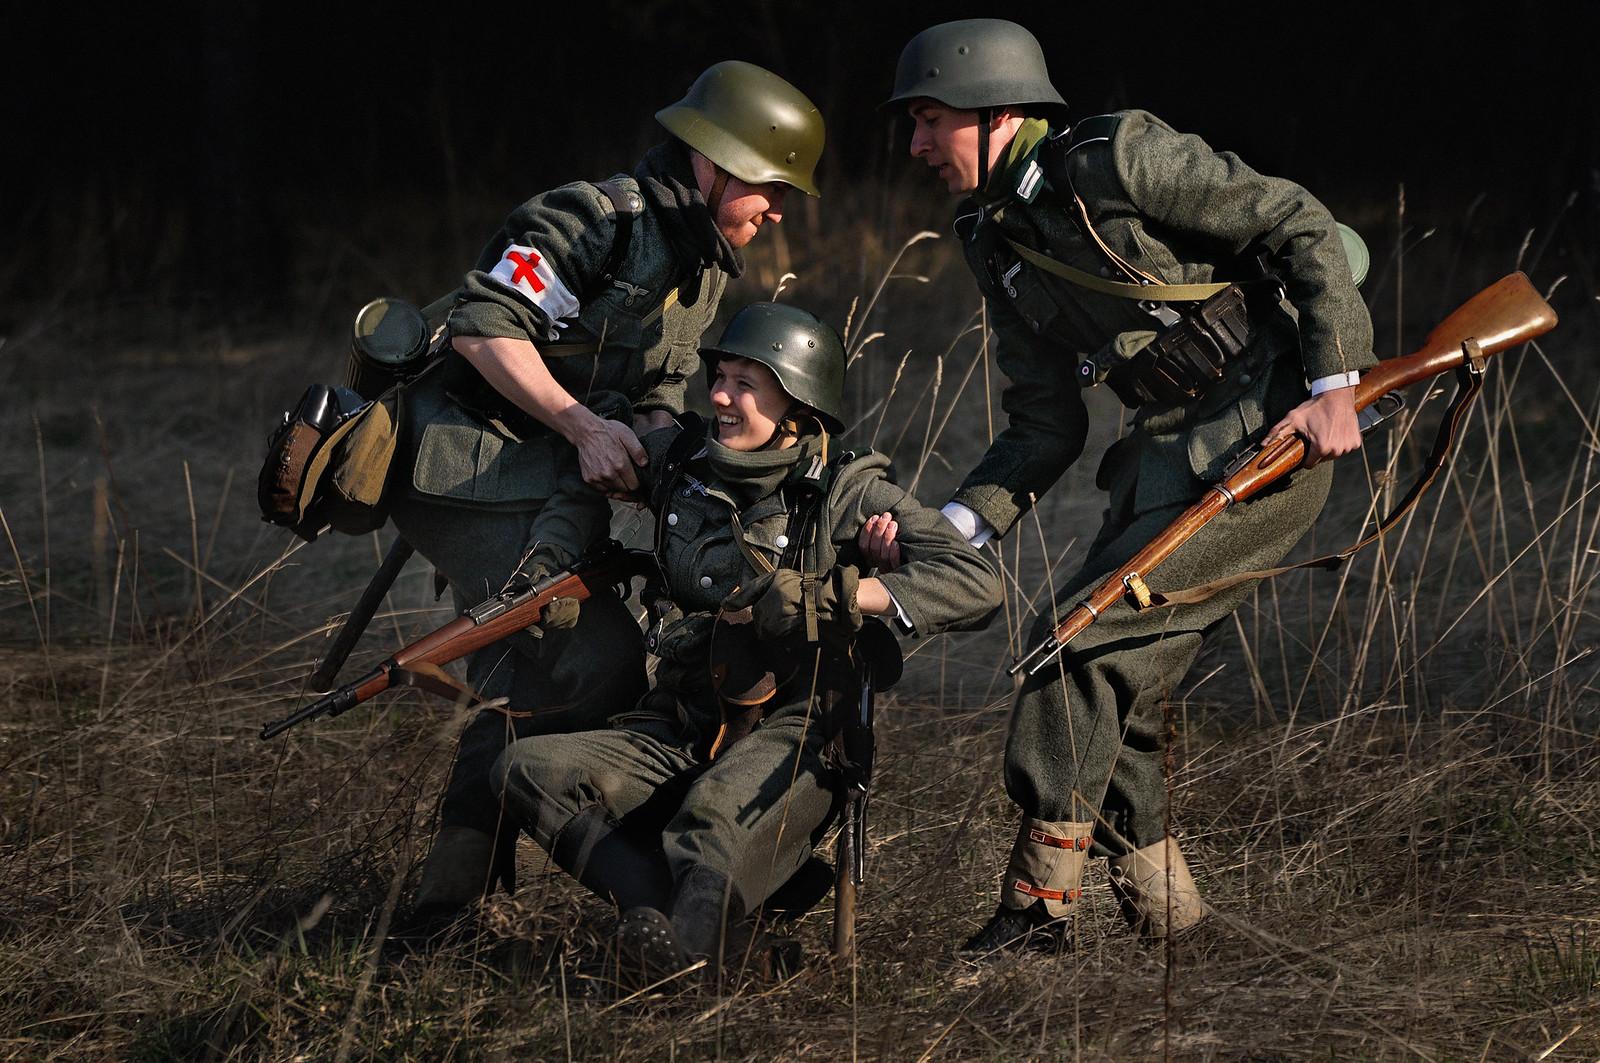 фотограф Челябинск - военная форма германия вторая мировая война реконструкция